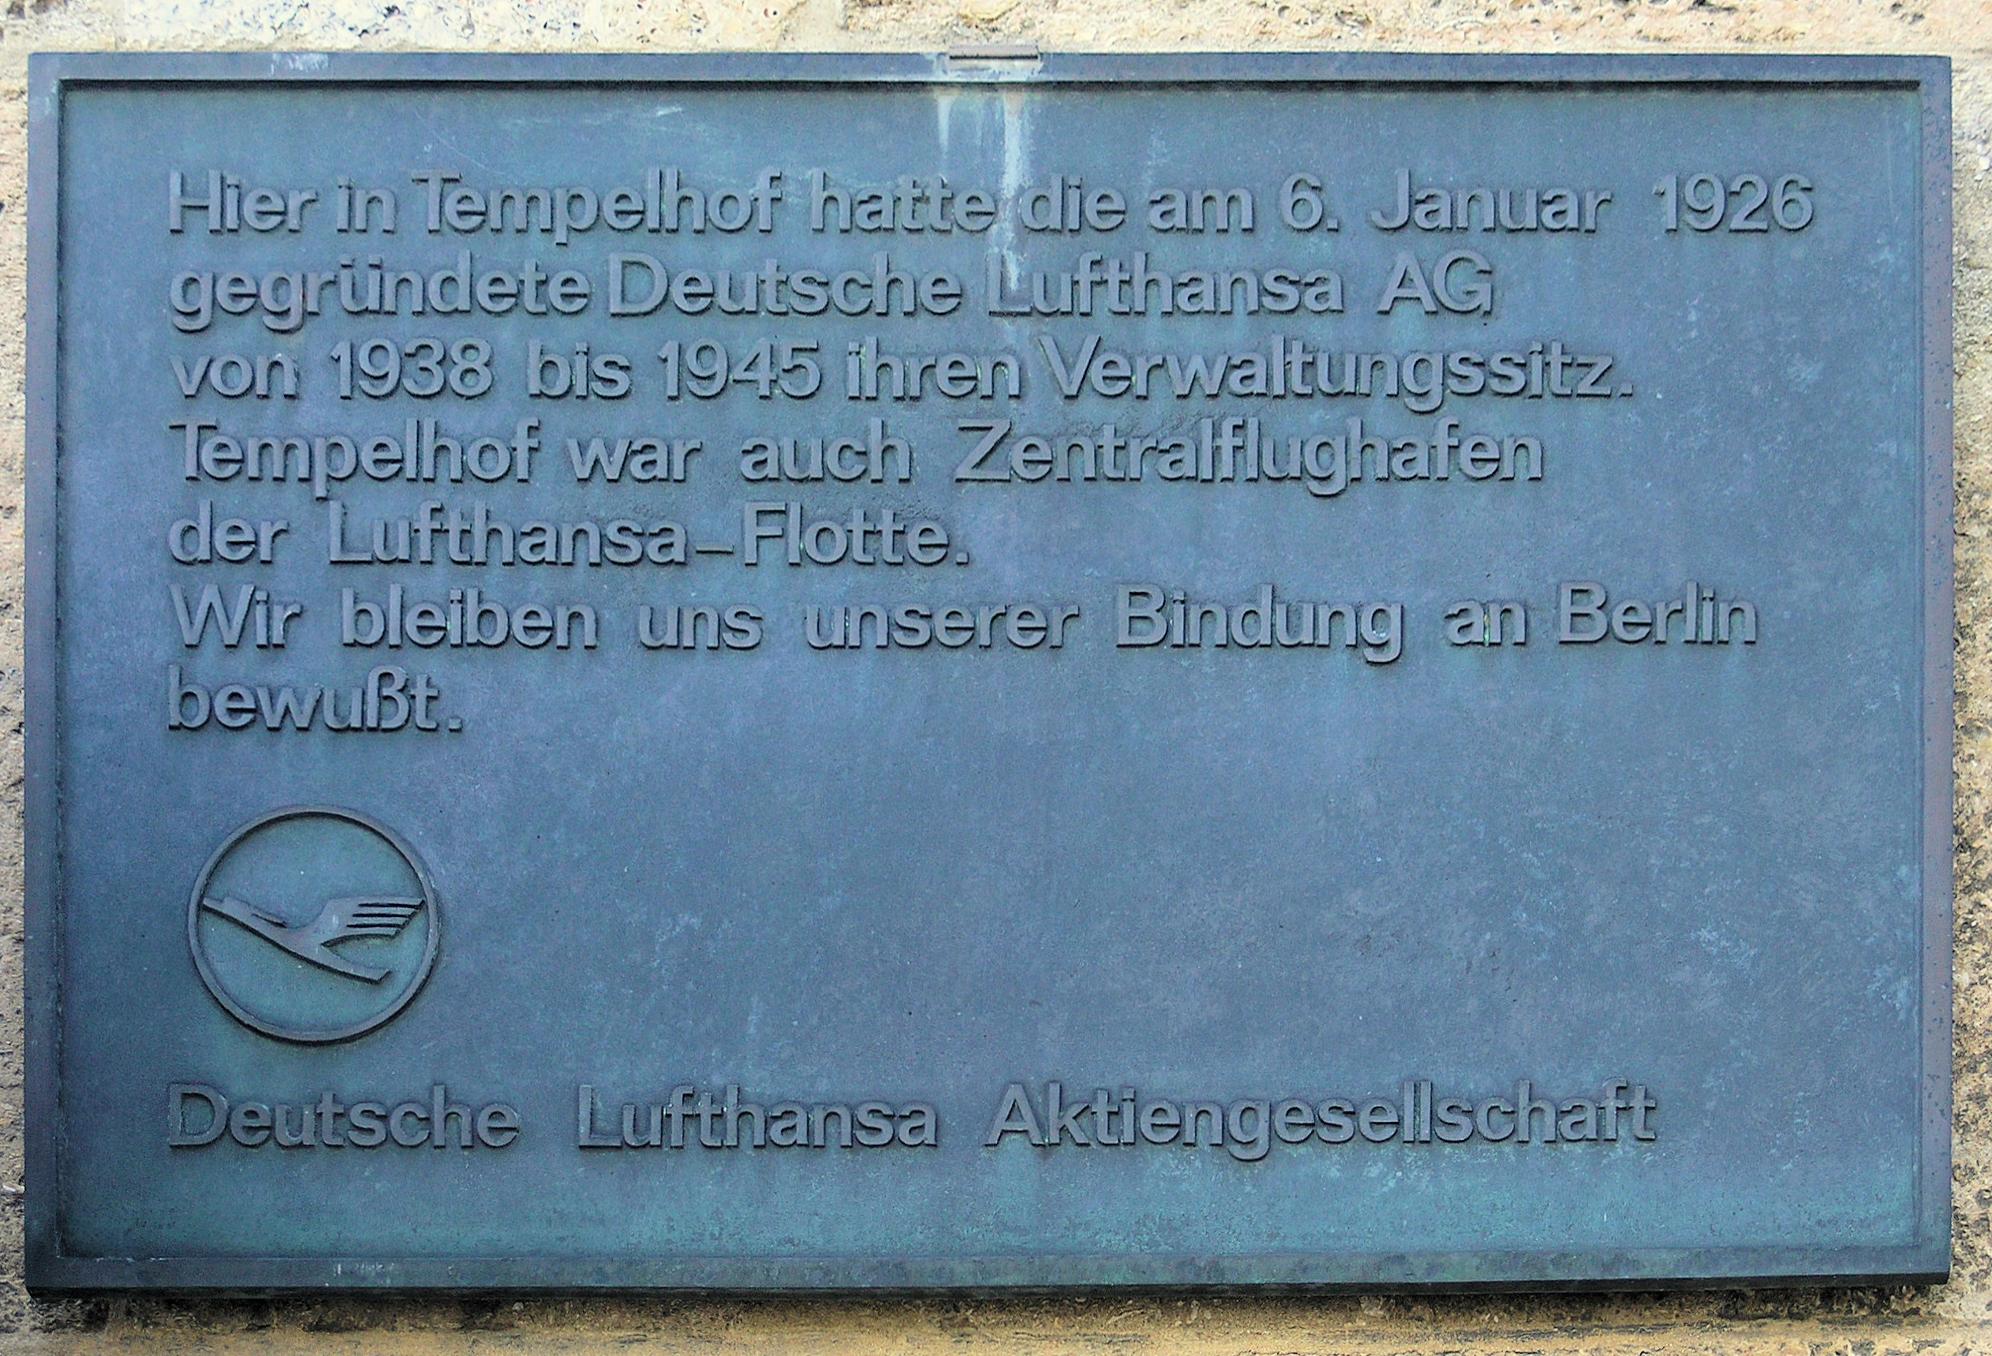 Geschichte Der Lufthansa Wikipedia